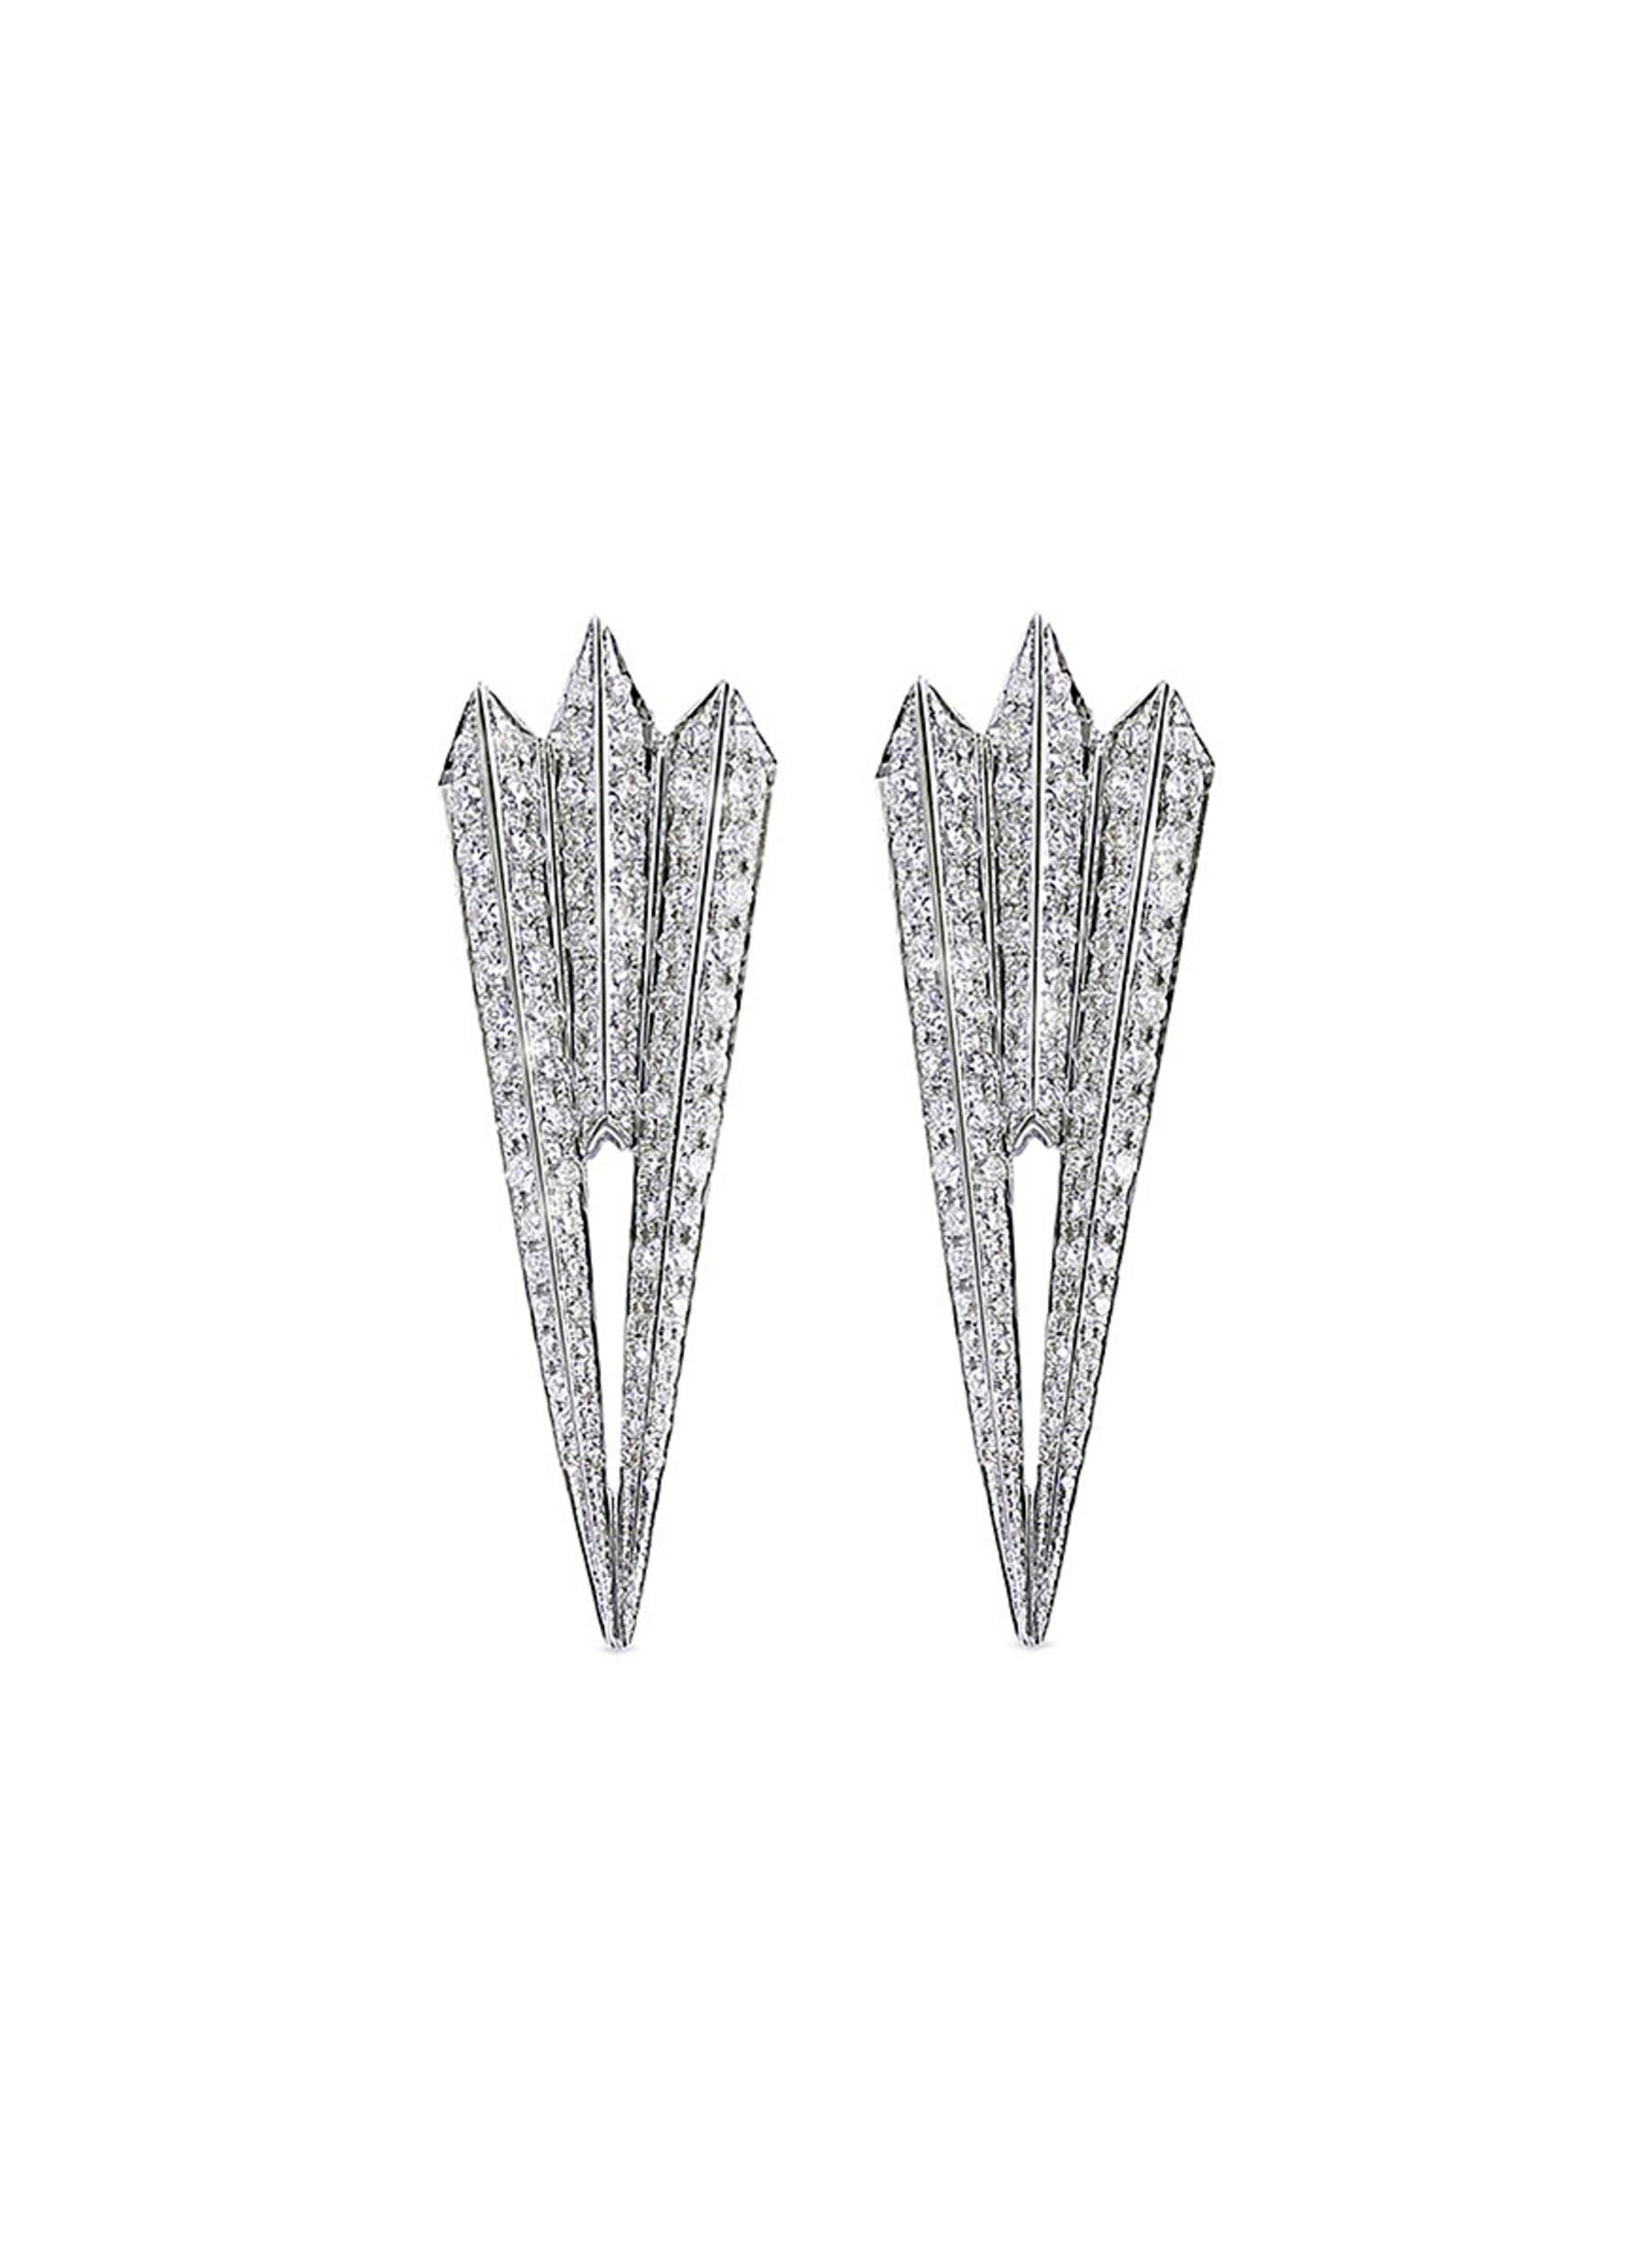 Shimmer I diamond 18k white gold fan earrings by Melville Fine Jewellery